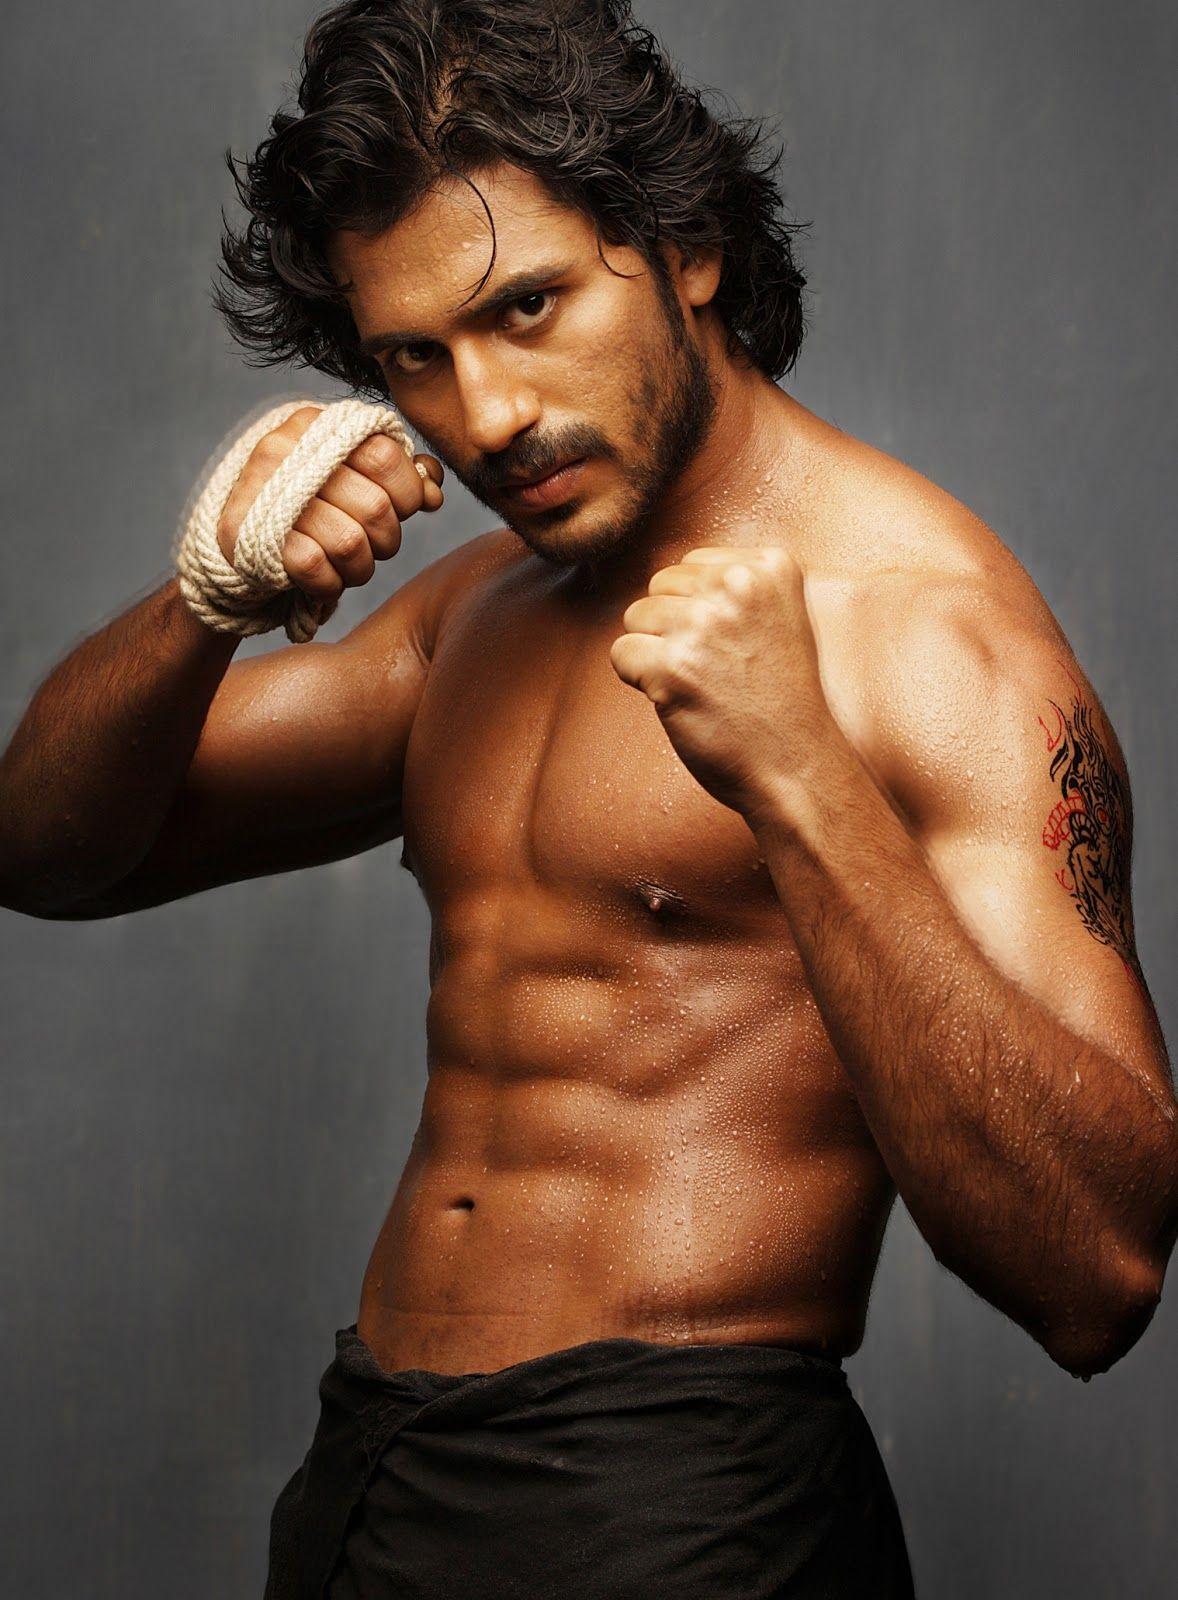 Tamilisches männliches Model #9